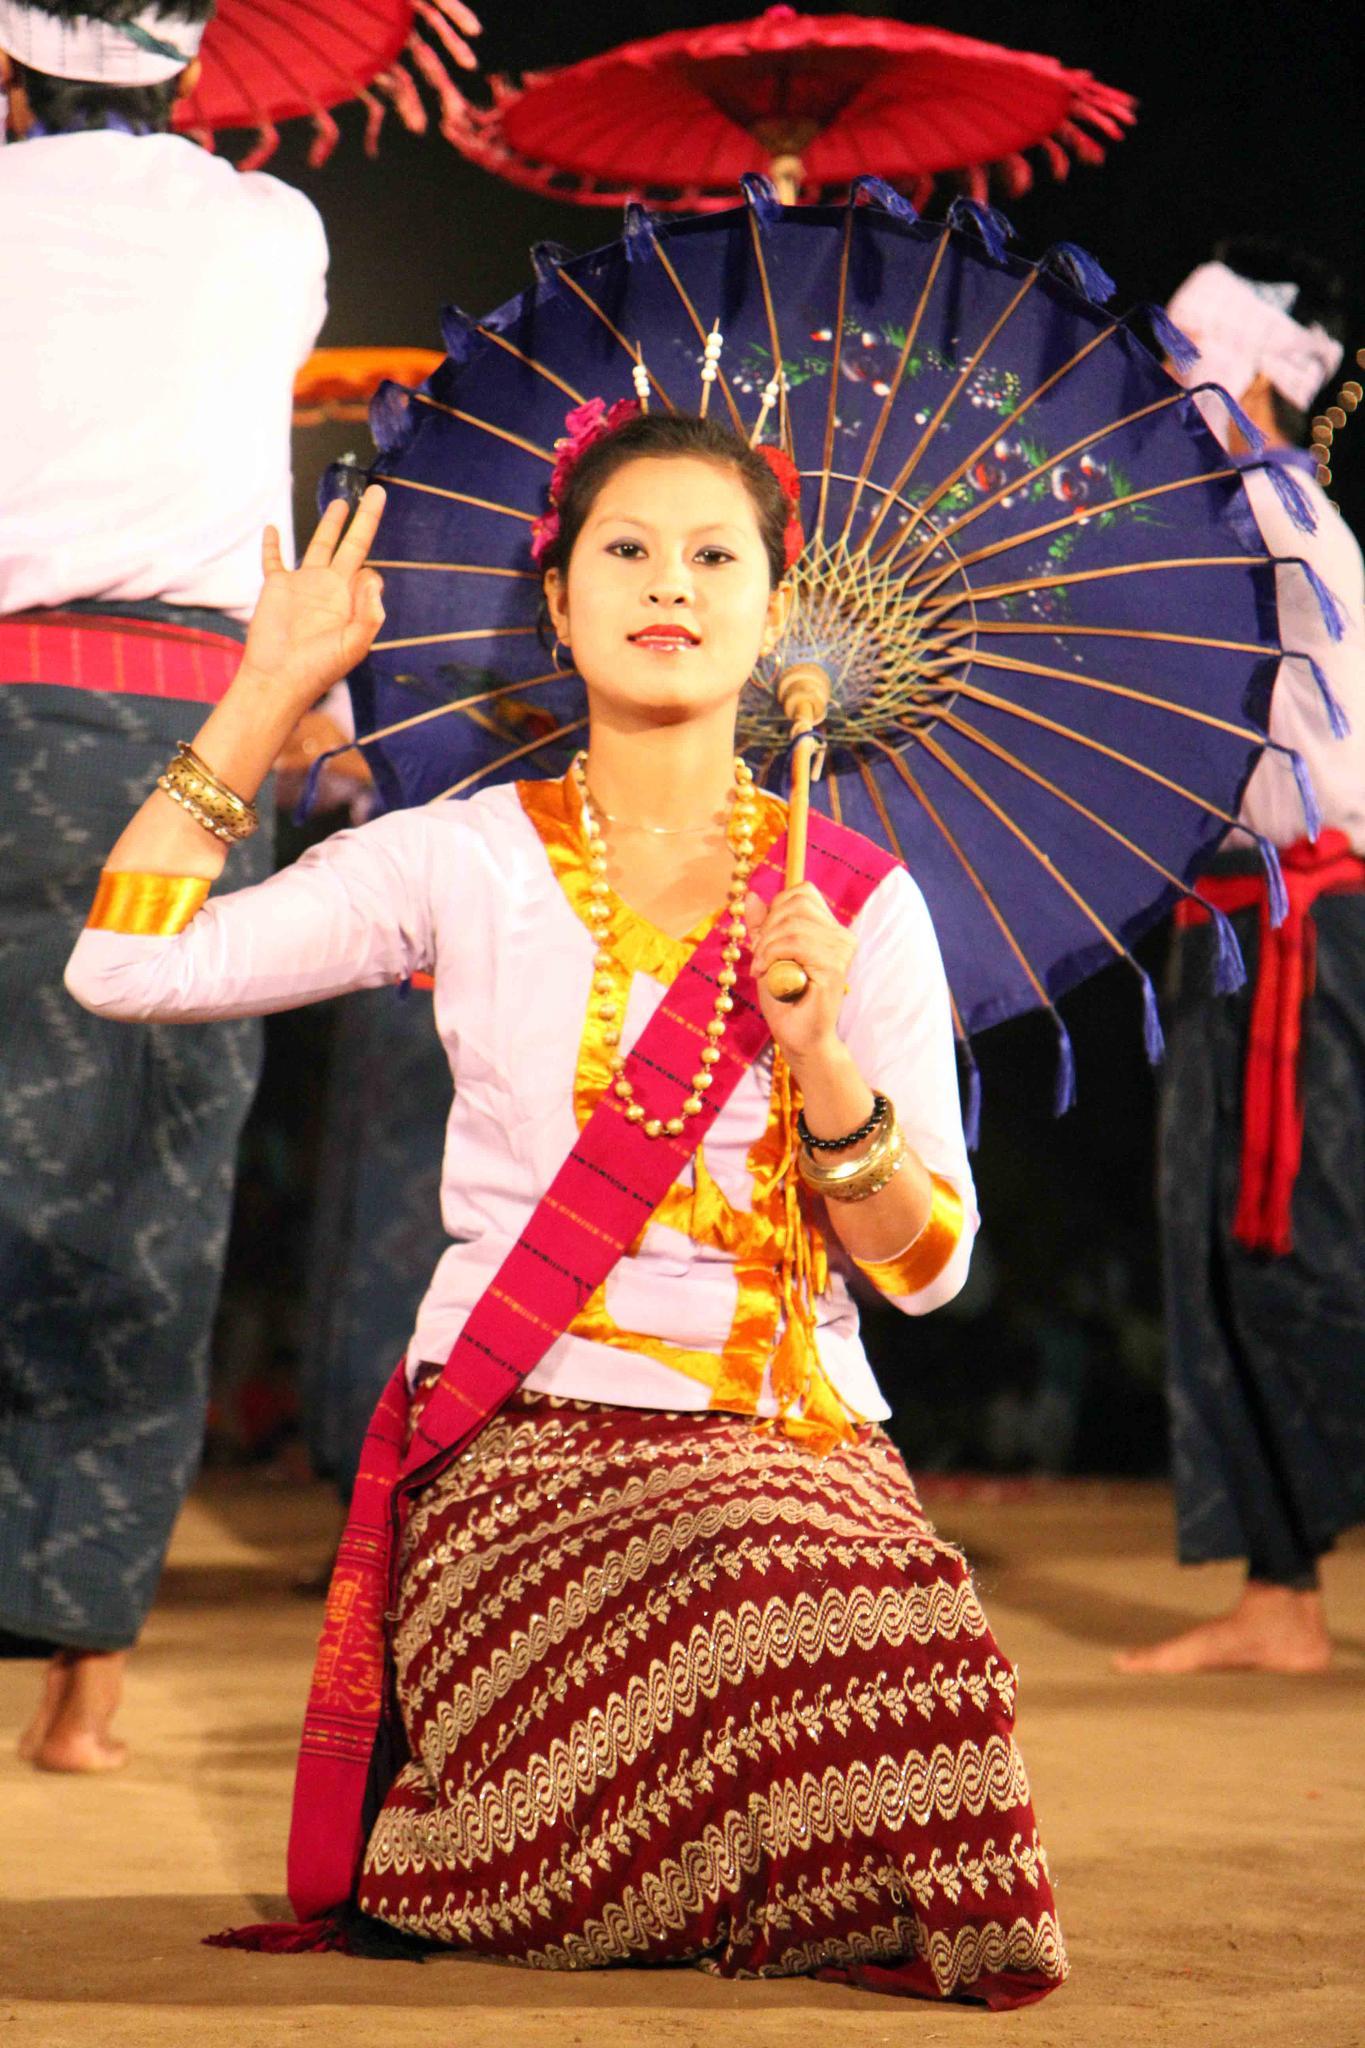 vasant utsav gandhinagar 2015 by pranav trivedi